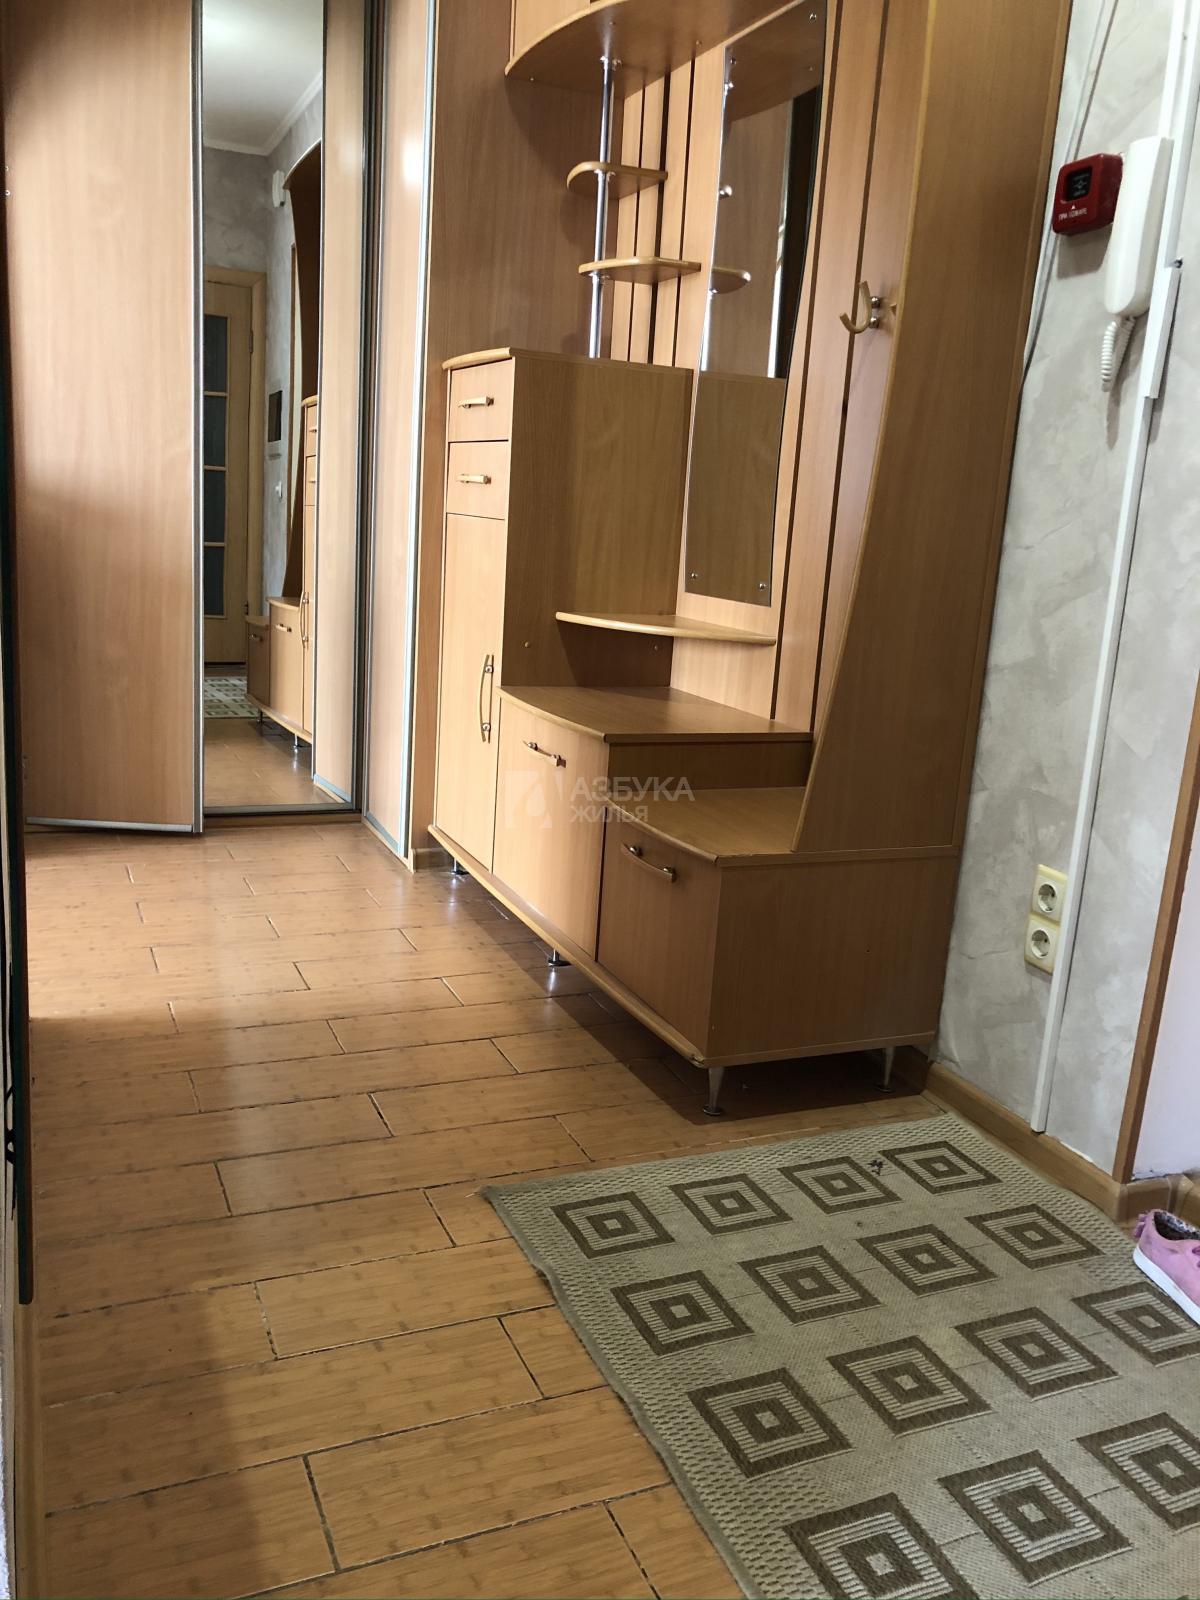 Фото №4 - 1-комнатная квартира, Москва, Зелёный проспект 22, метро Перово